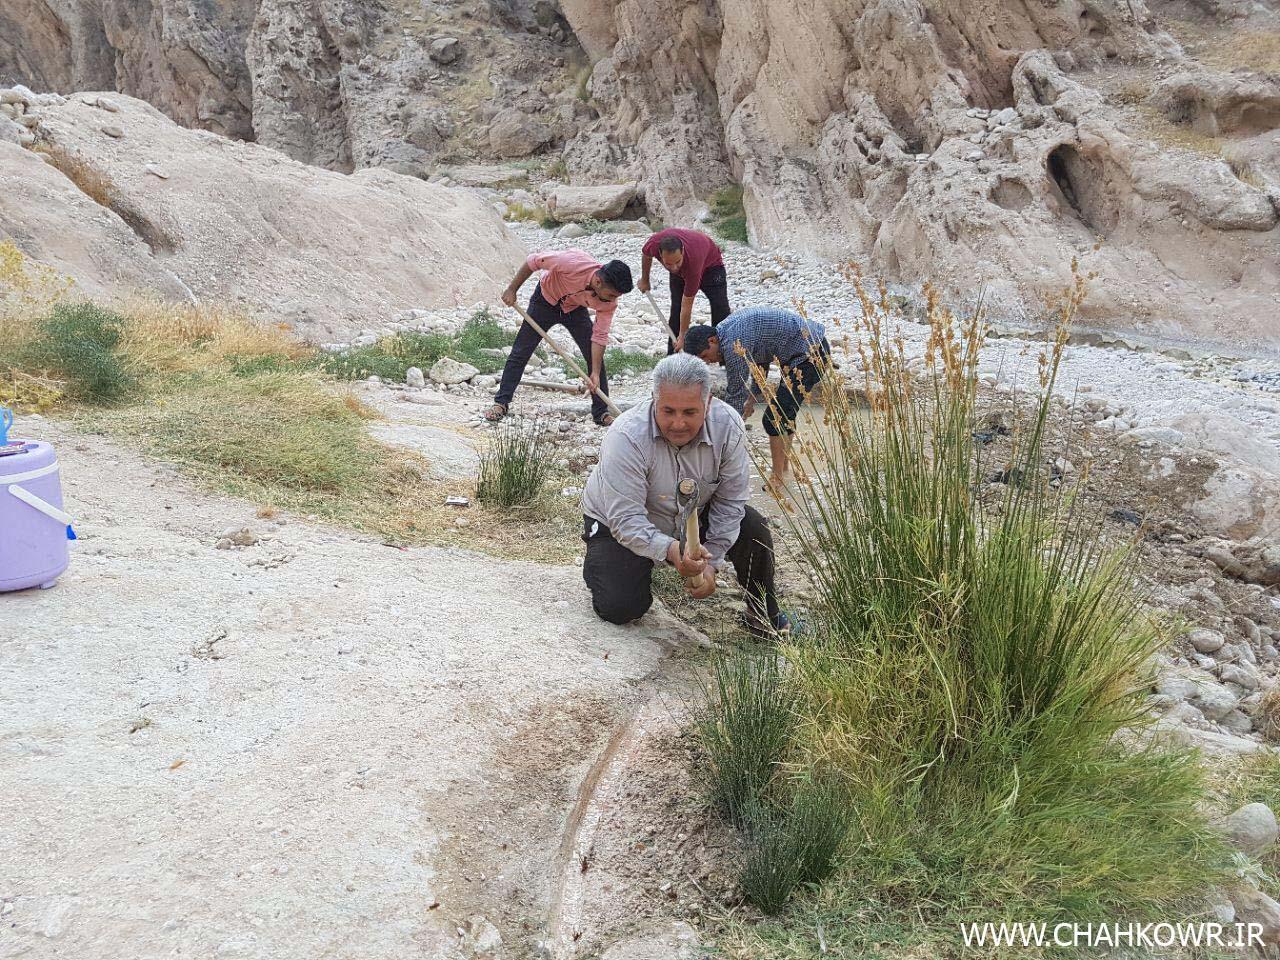 http://bayanbox.ir/view/5649617611822370948/Paksazi-Cheshmeh-Aab-Shirinoo-3.jpg